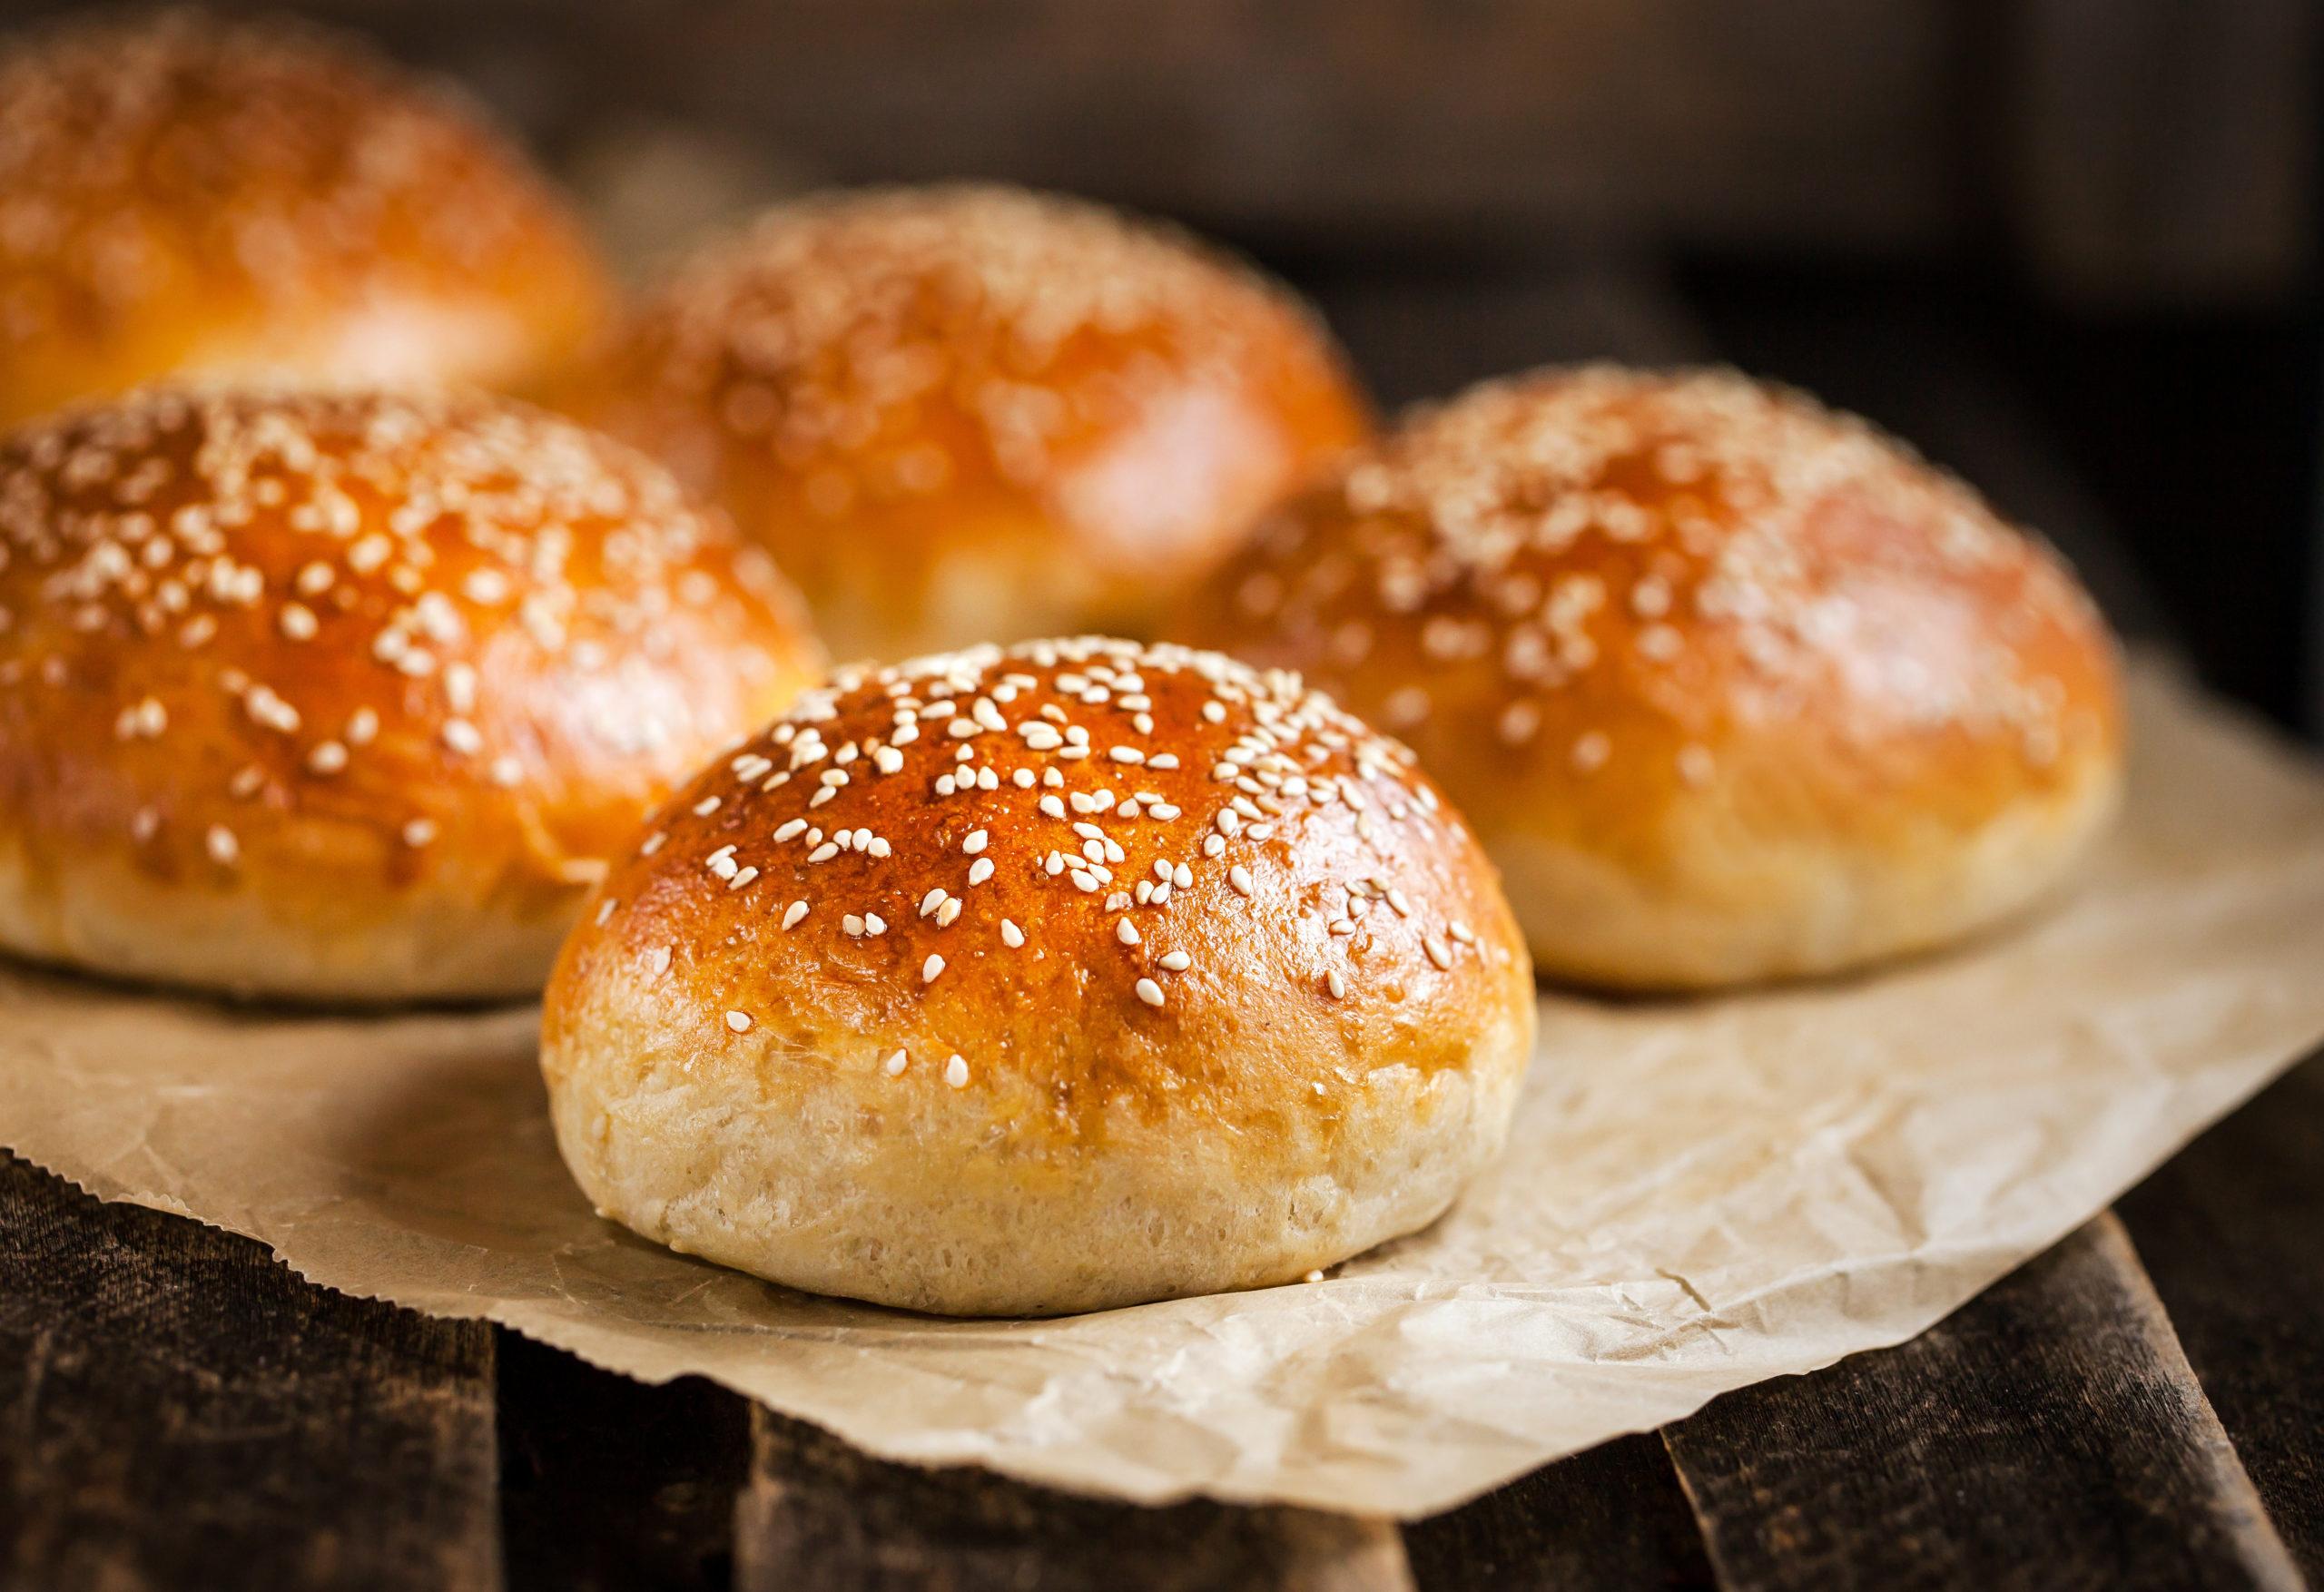 Ossido di etilene, Fresh homemade burger buns panini da hamburger con semi di sesamo su carta forno